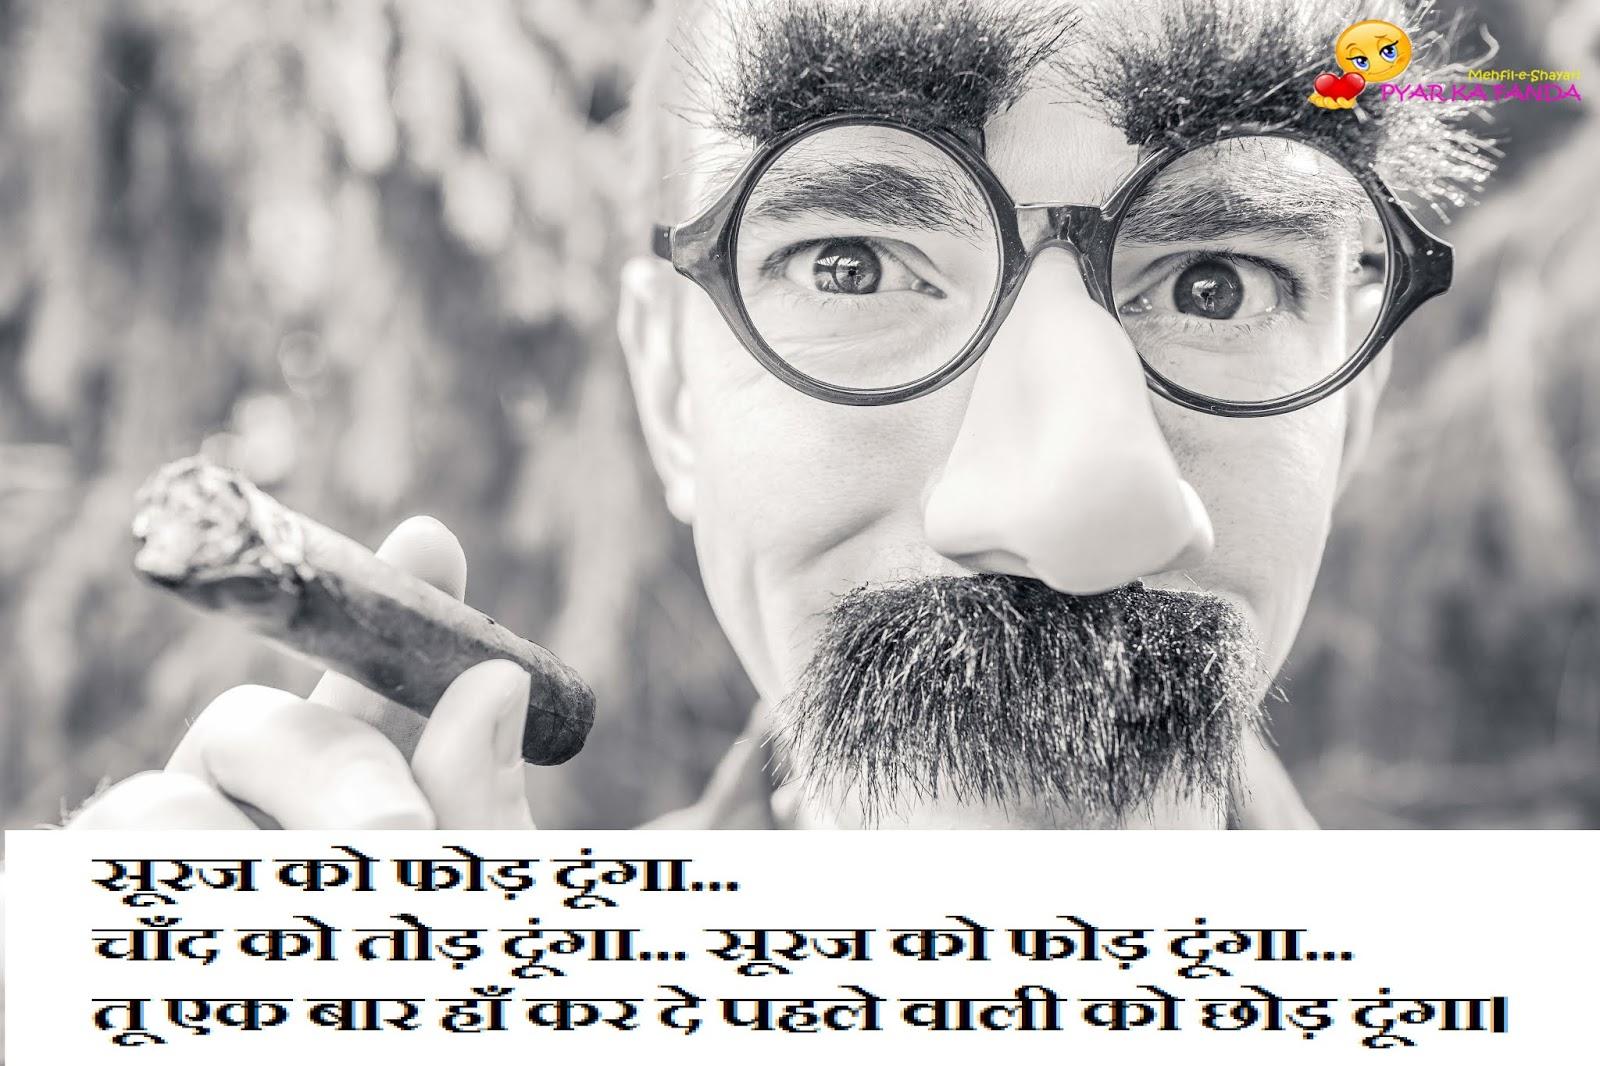 Funny Shayari In Hindi | Jokes In Hindi | Latest Joke